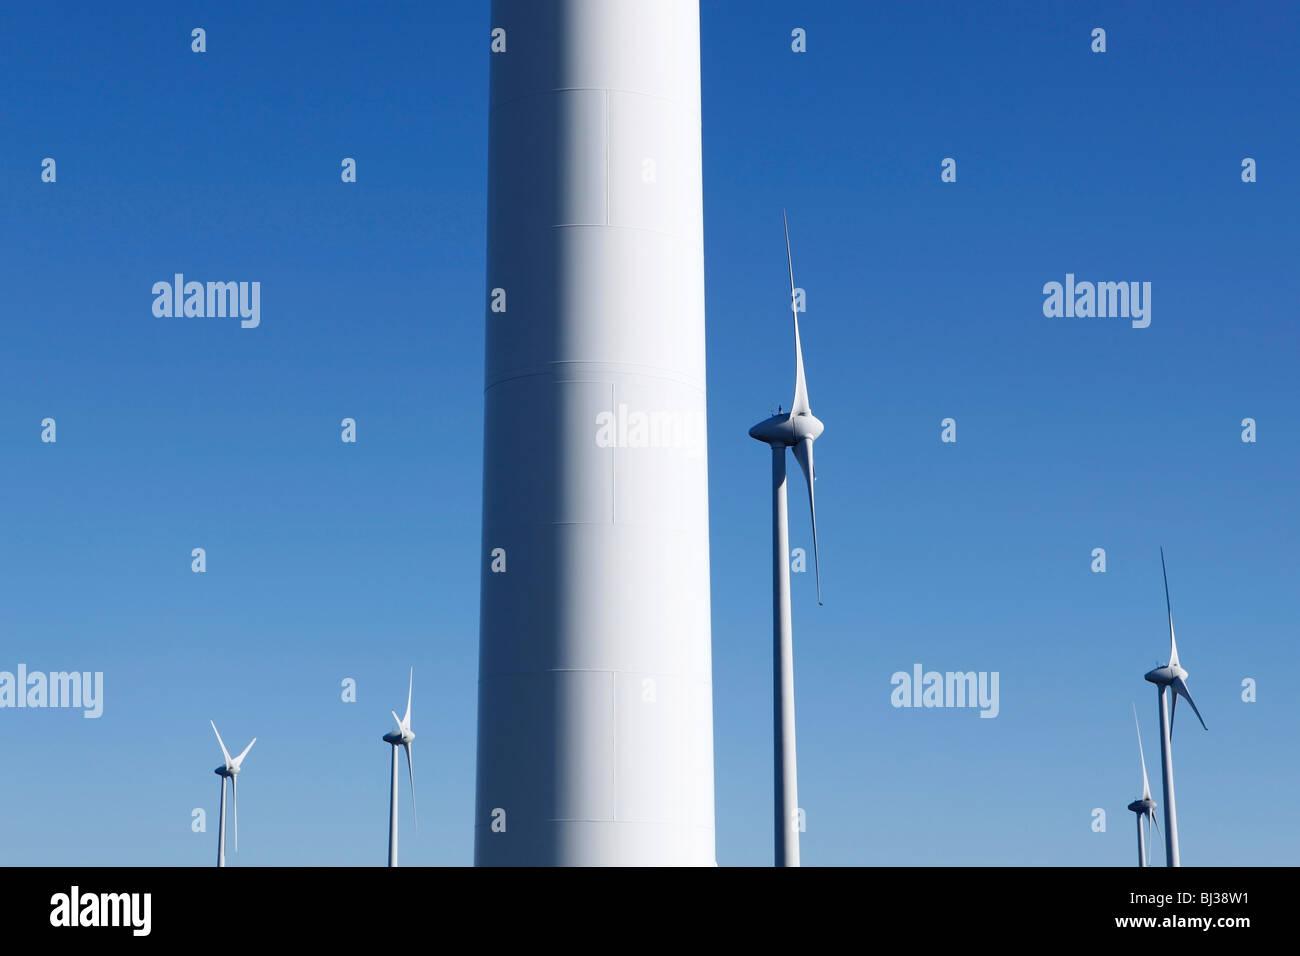 Eine Windkraftanlage vor einem strahlend blauen Himmel. Ideal für Energie und Umwelt-Themen. Stockbild